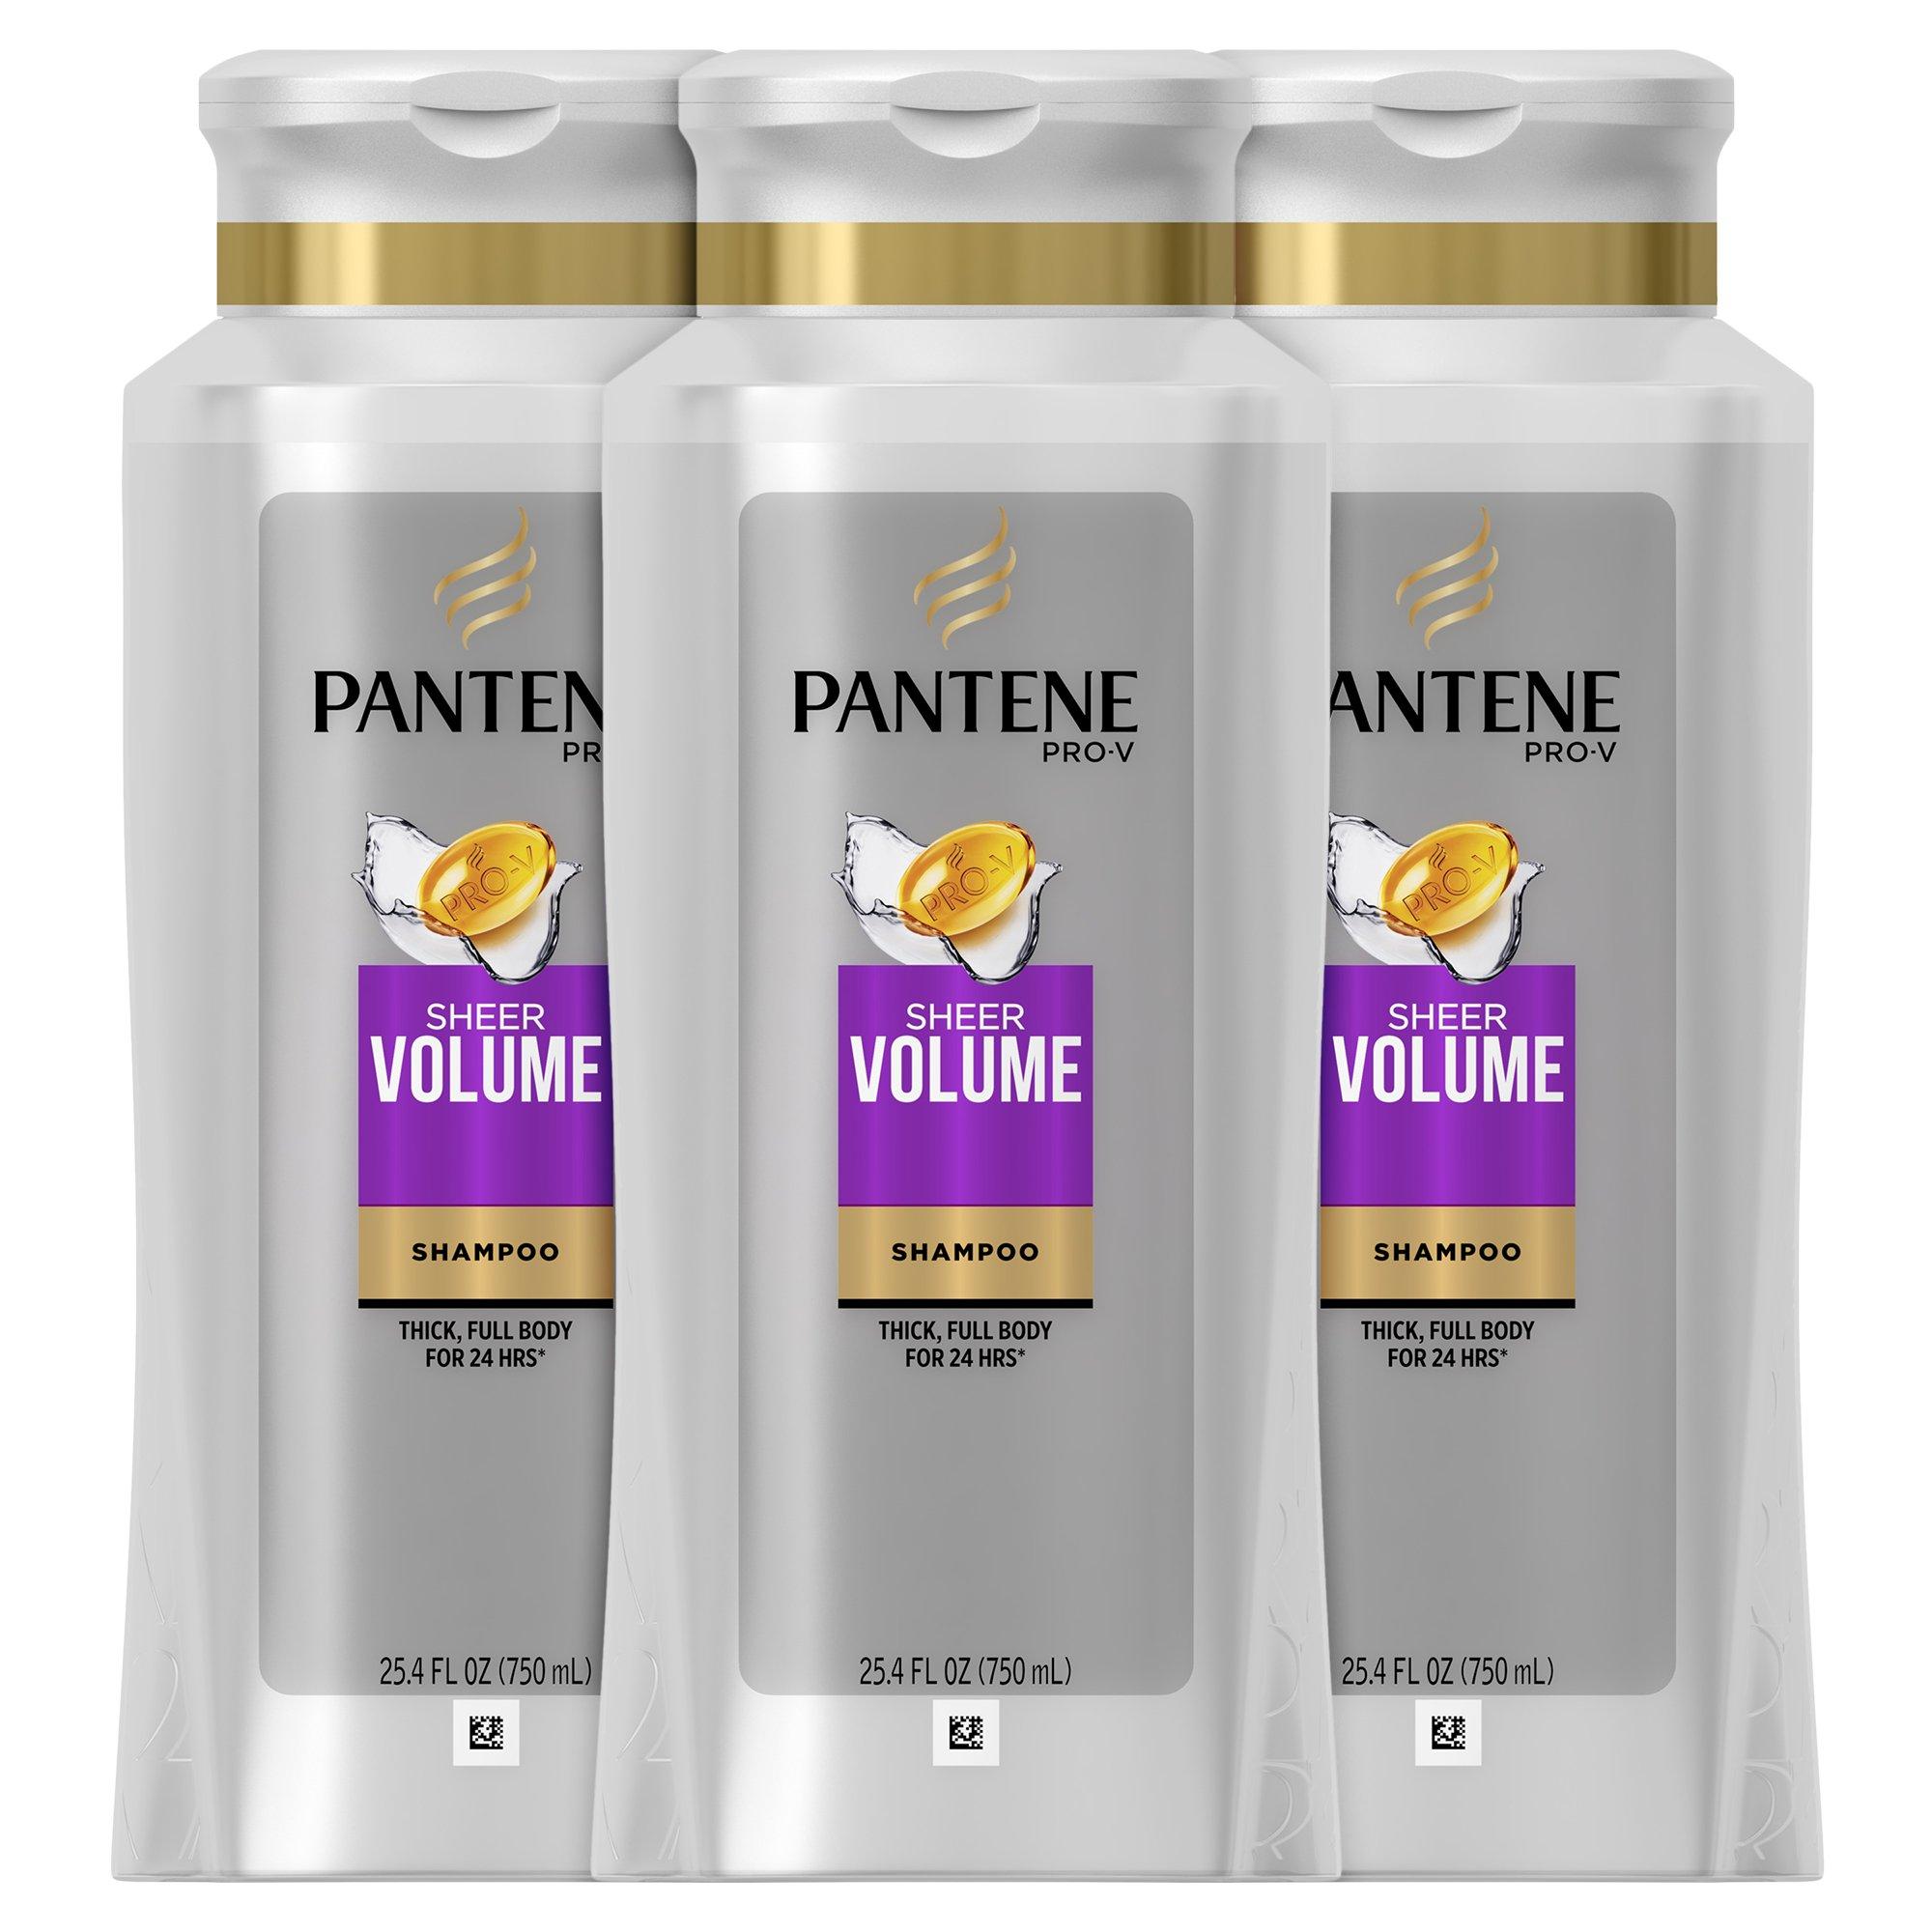 Pantene Pro-V Sheer Volume C,25.4 Fl Oz,Pack of 3